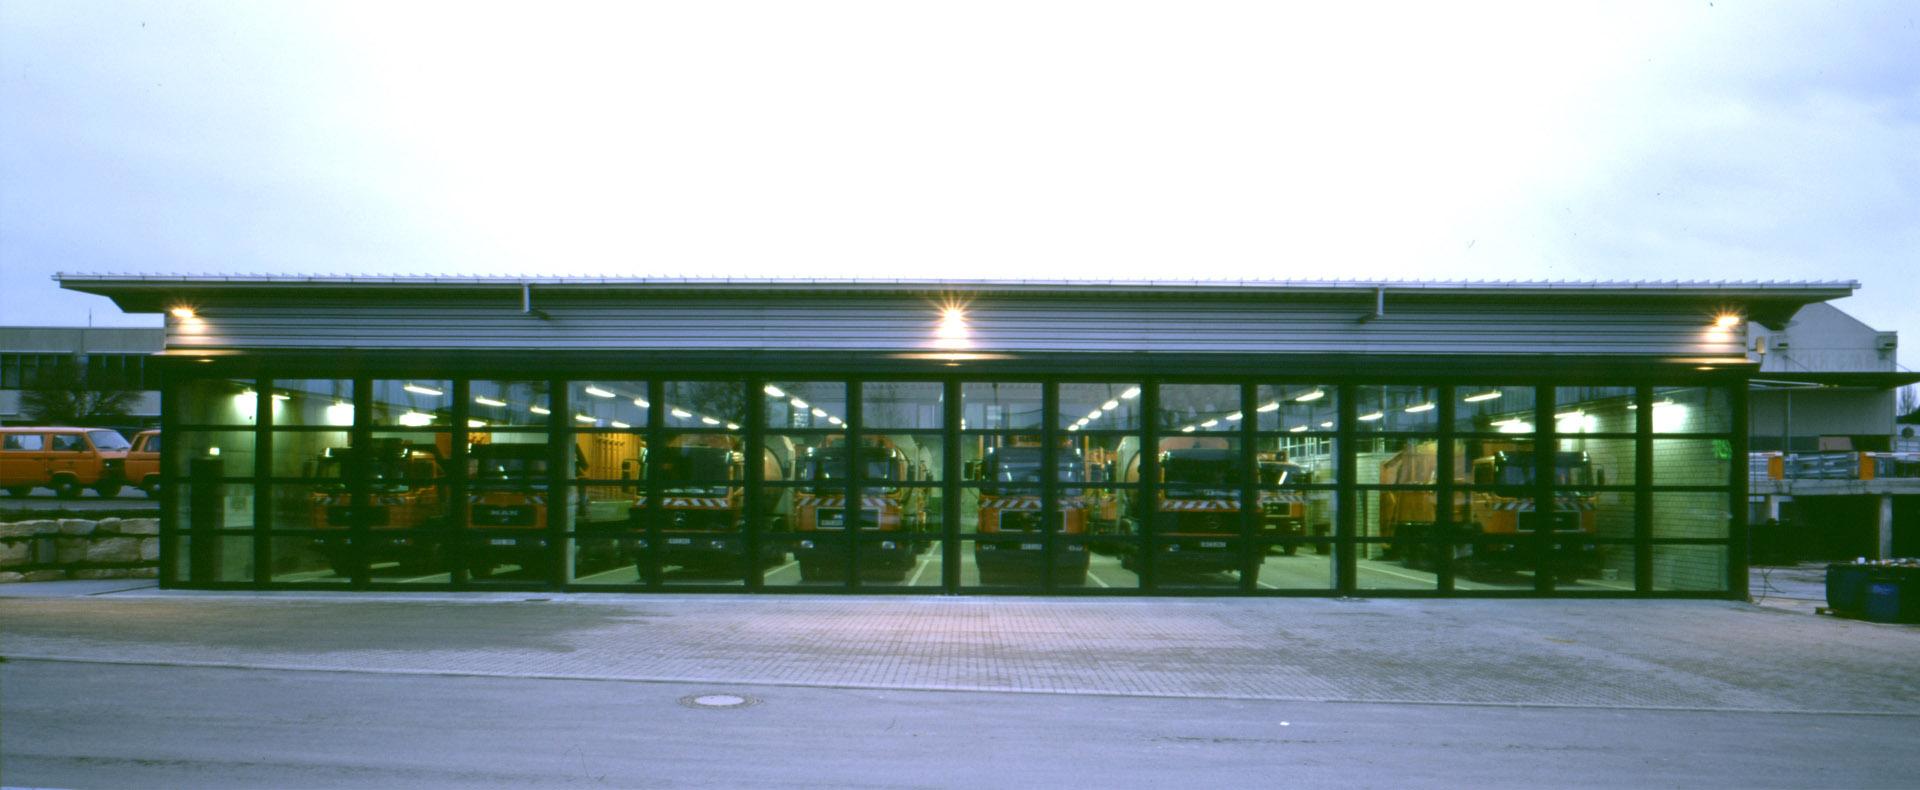 """Betriebshof """"Am Heilbrunnen"""". Umbau und Erweiterung eines bestehenden Industrie-Areals zum neuen Betriebshof der Stadt Reutlingen"""